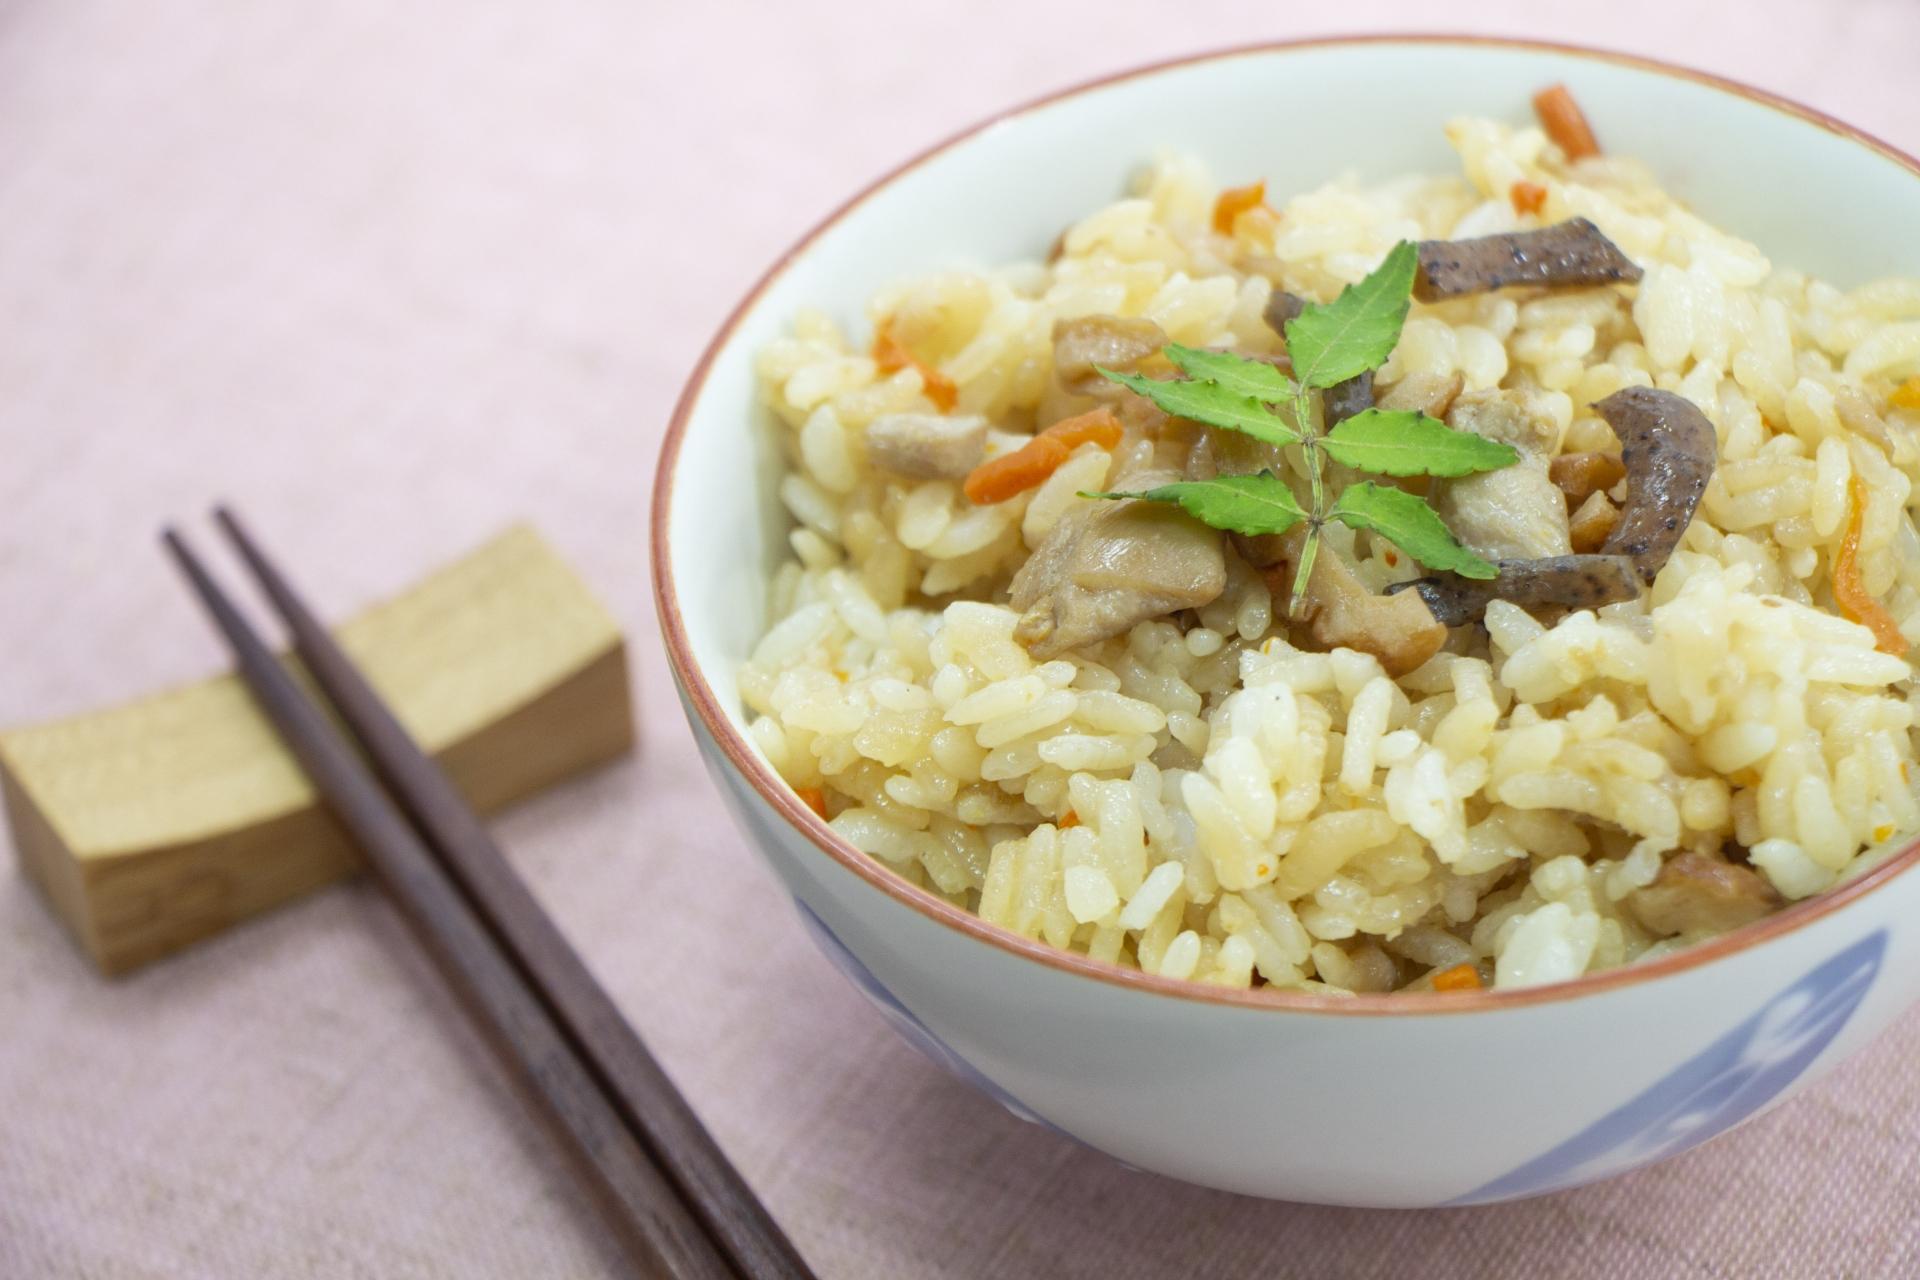 炊き込みご飯の素のおすすめ14選!ホタテや松茸など様々な具材も